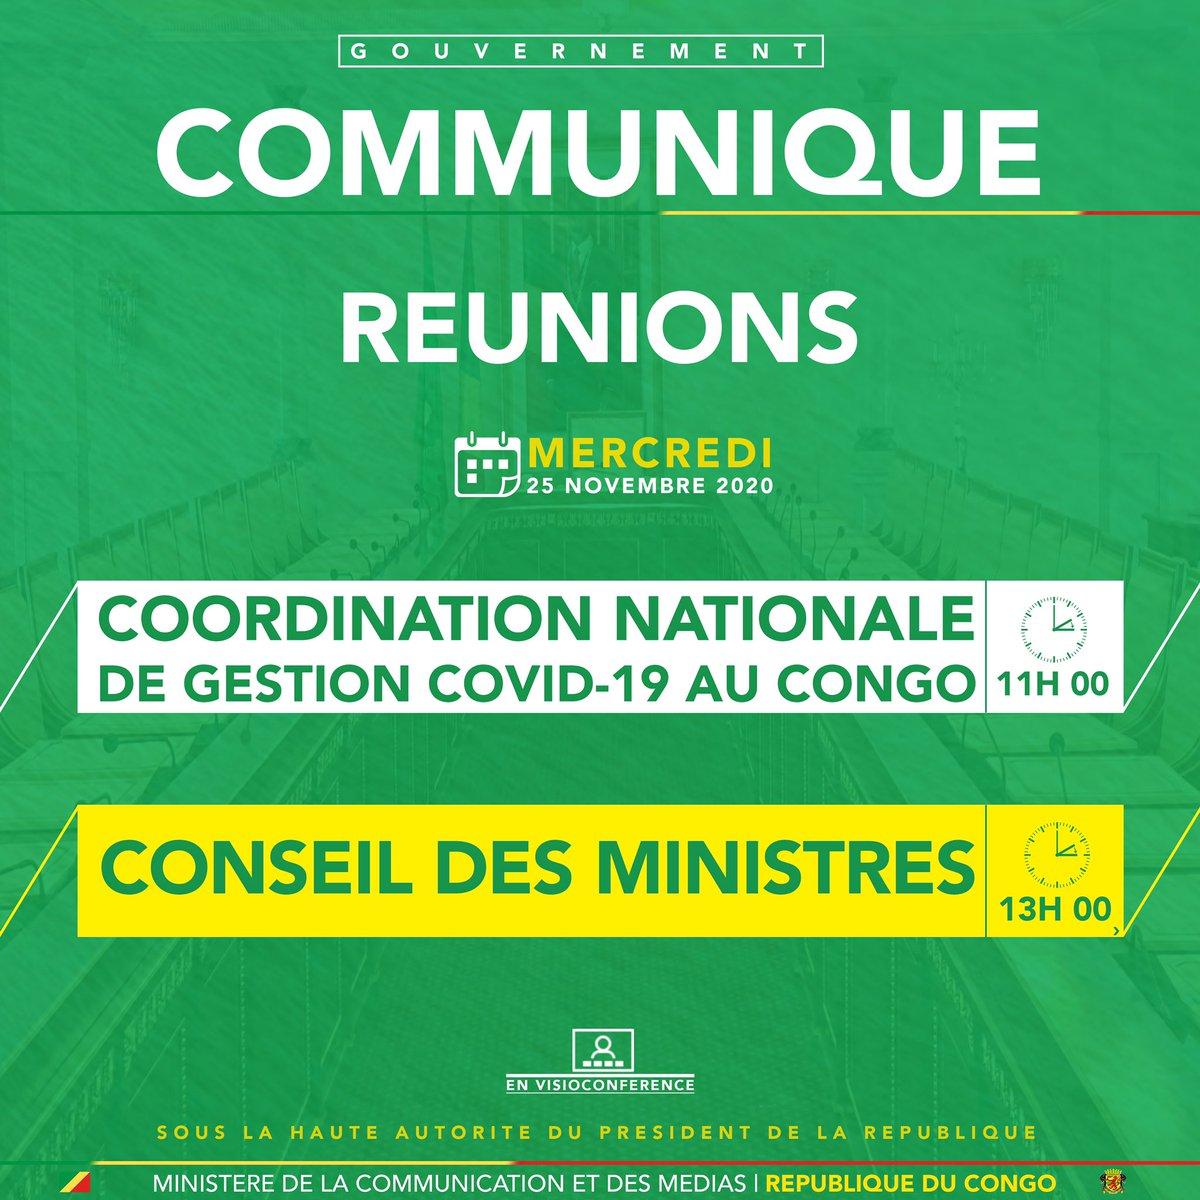 #COMMUNIQUE  Il se tiendra successivement ce mercredi 25 novembre 2020, par visioconférence, la réunion de la Coordination nationale de gestion du coronavirus (#COVID19) au Congo suivie d'un Conseil des Ministres. https://t.co/N4pyDuFfaT